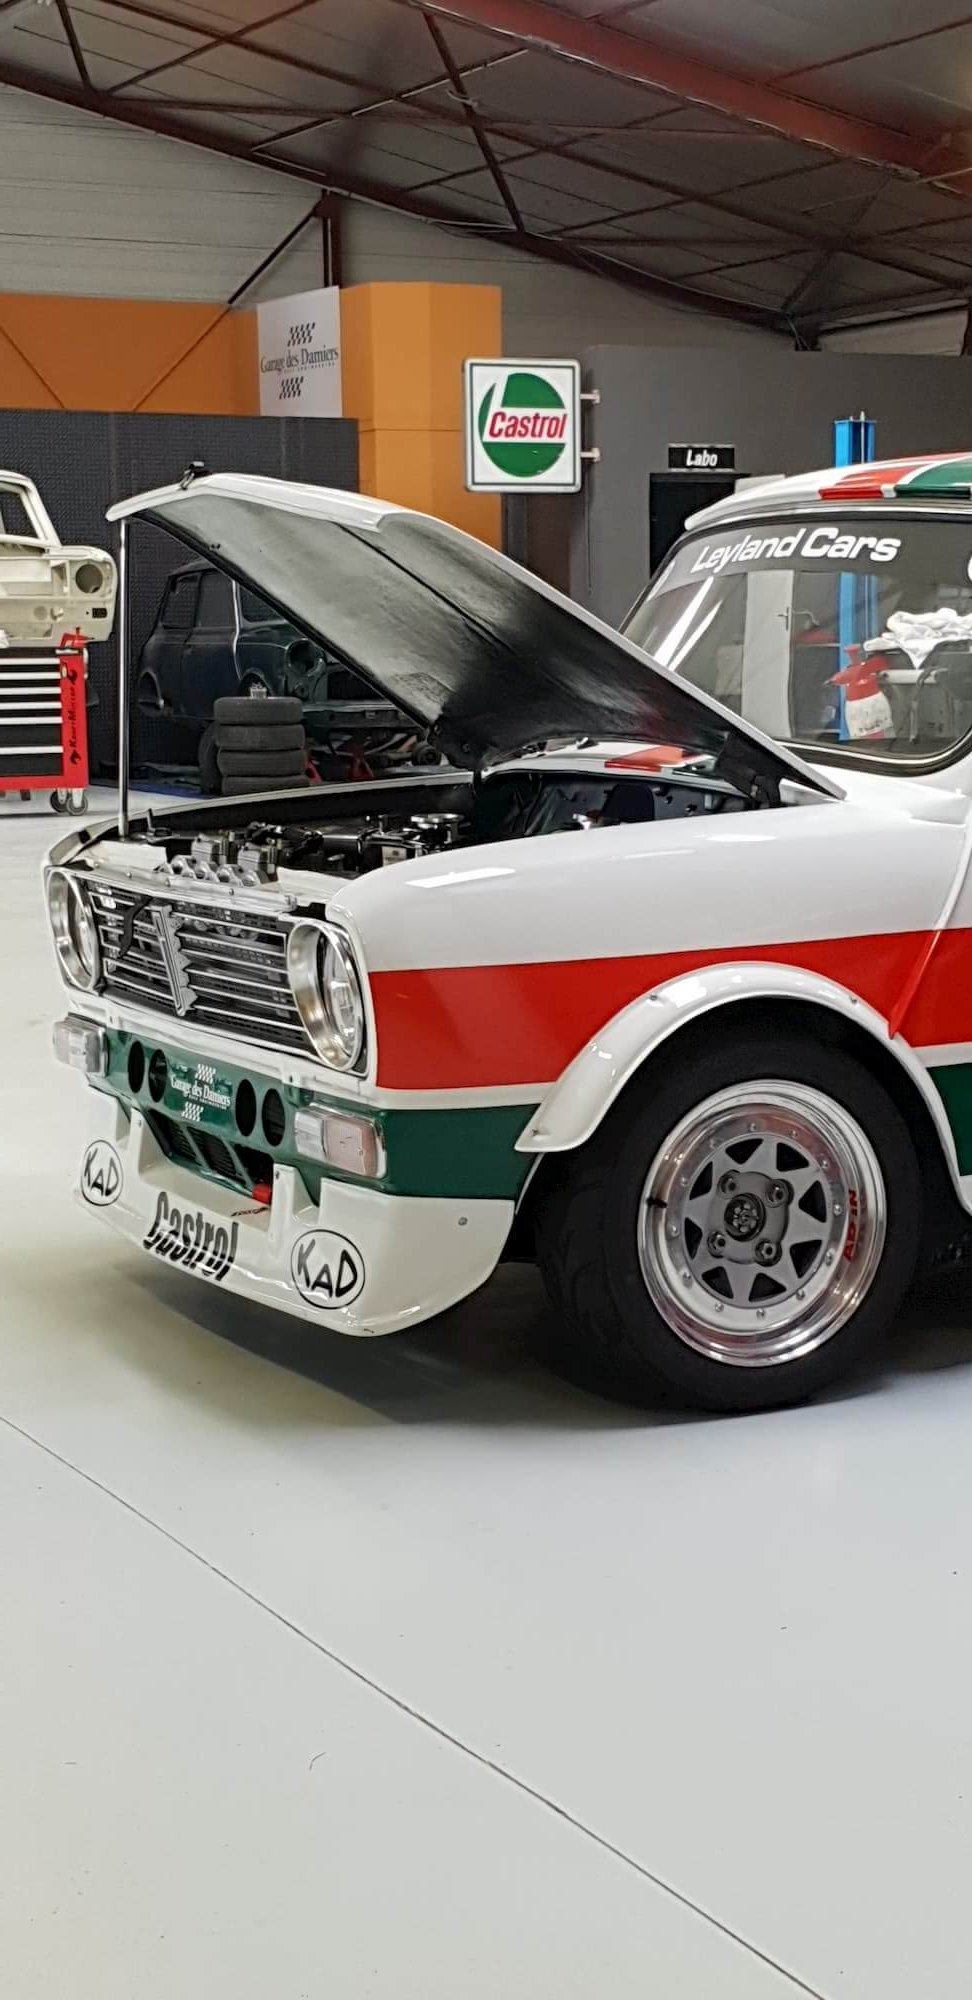 Réfection moteur Mini Austin 1275 GT au Garage des Damiers - Castrol